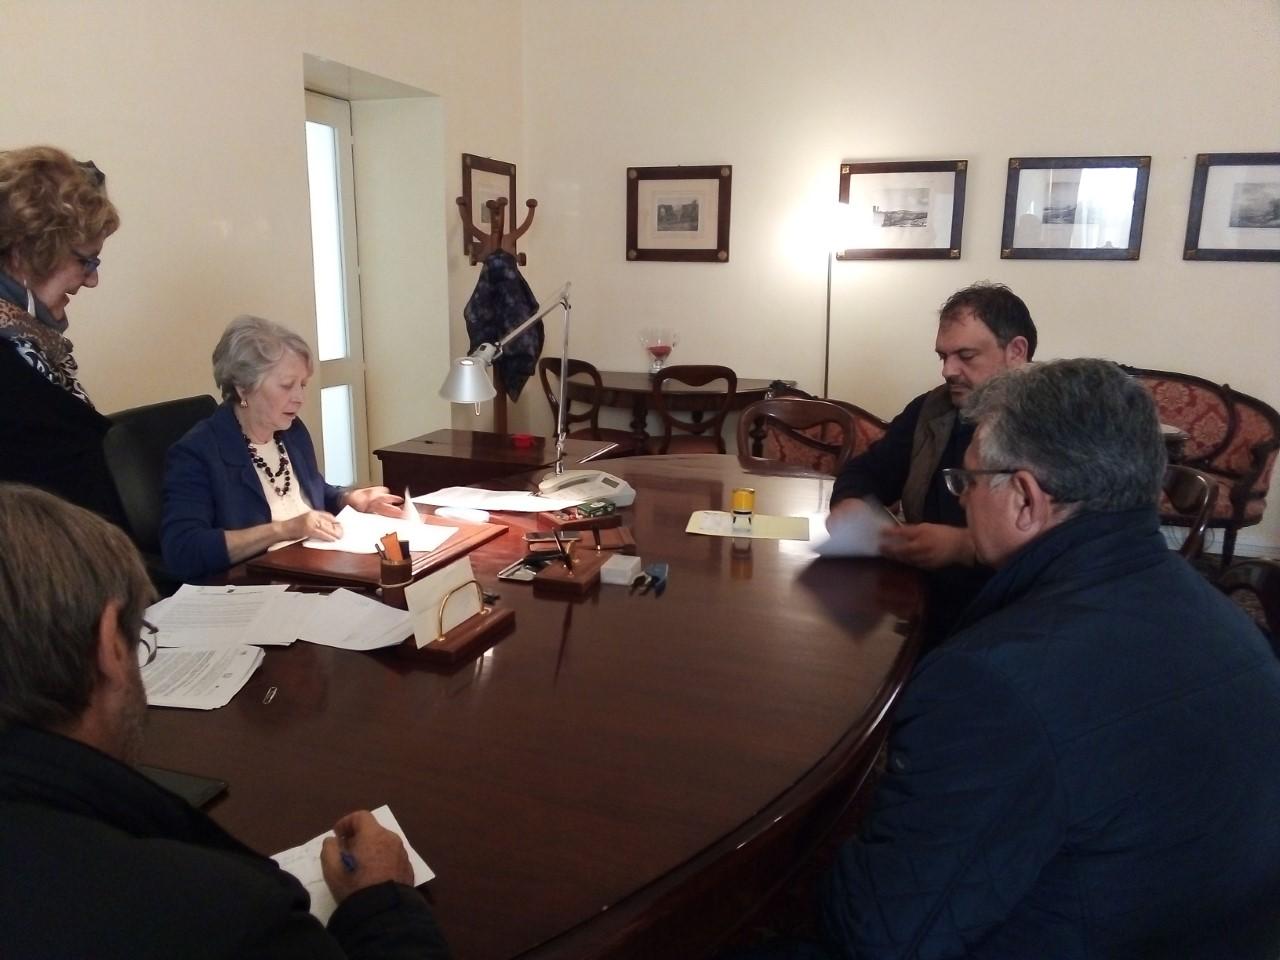 Lettera d'intenti per la concessione dell'ex caserma dei carabinieri di Ferla all'istituto di Istruzione superiore di  Palazzolo